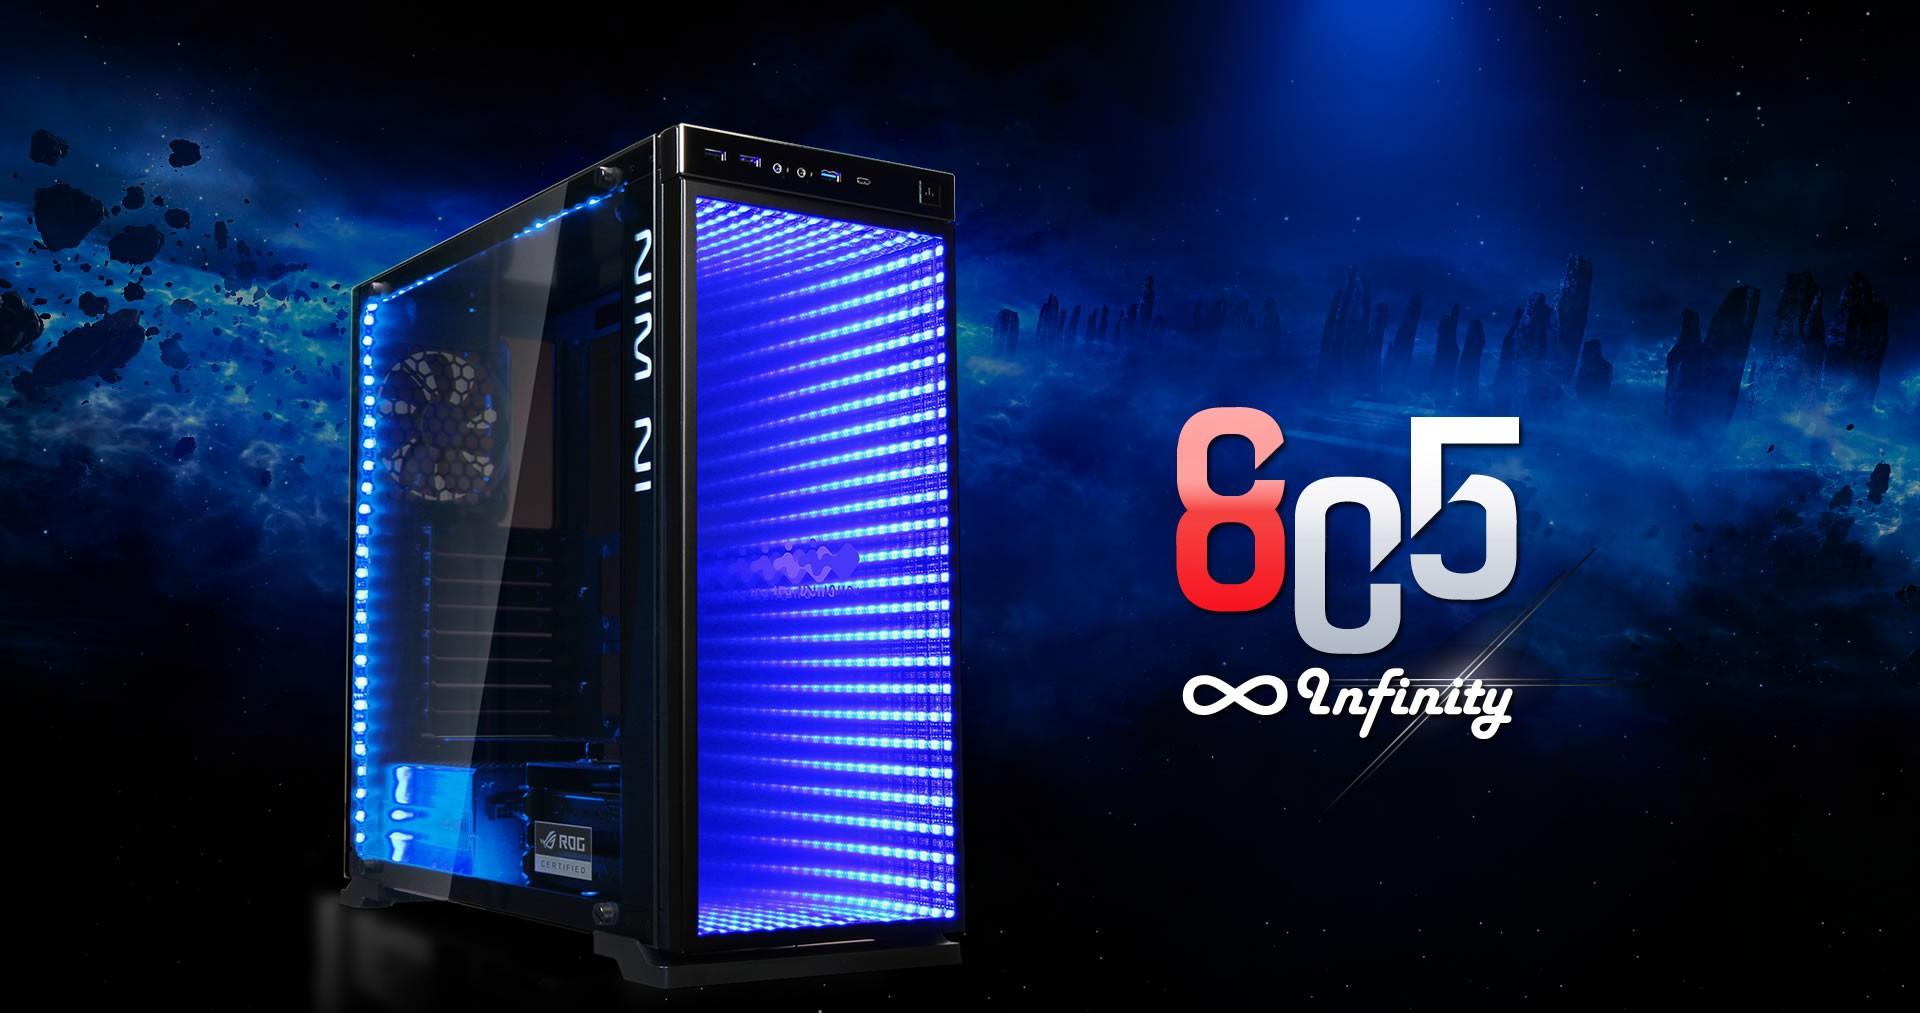 In win presenta l805 infinity con luci rgb & effetto infinity